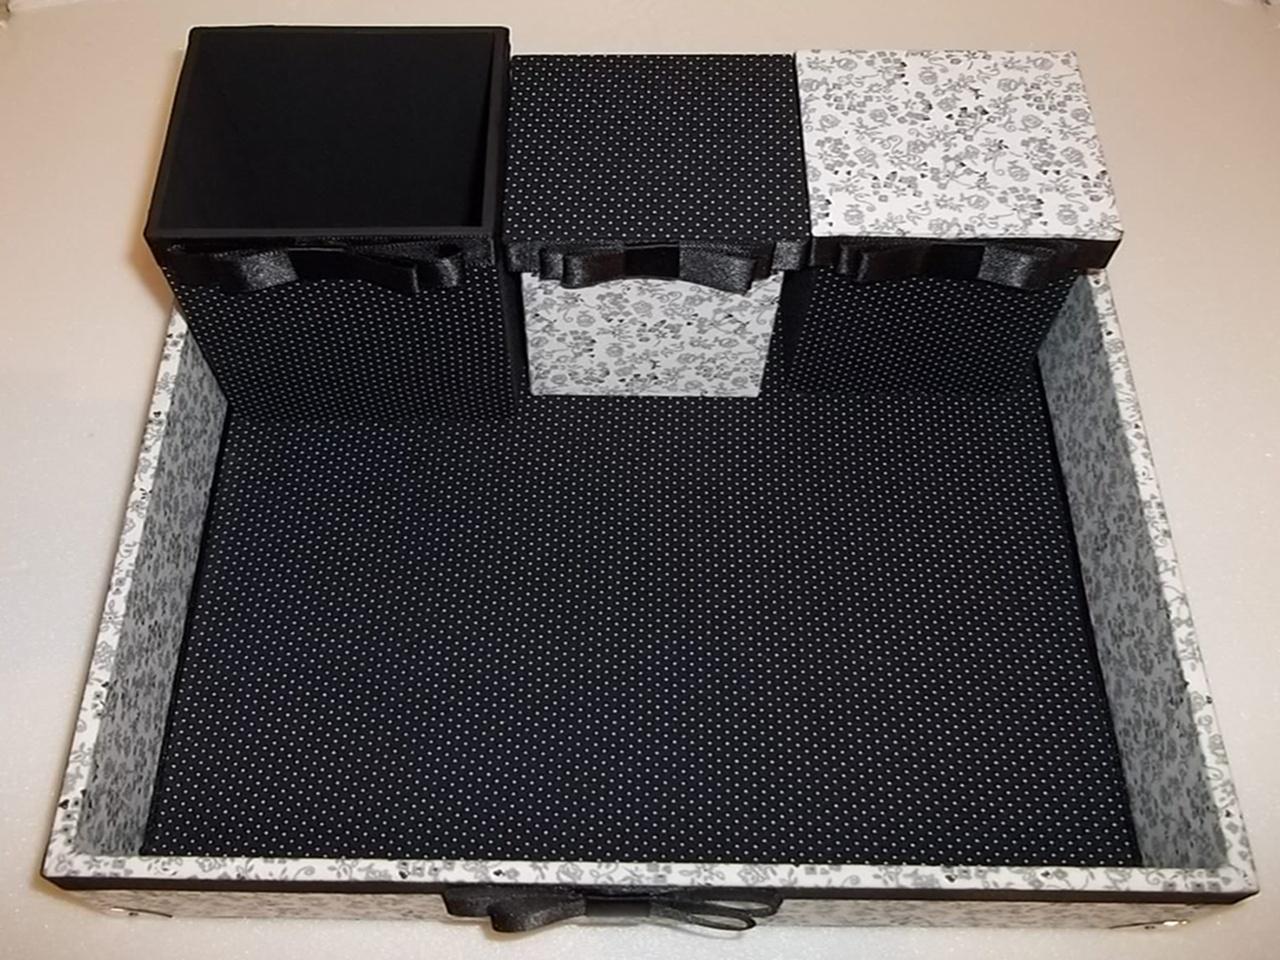 #80634B kit com bandeja e 03 potes para banheiro em preto e branco com pés em 1280x960 px fotos de banheiros decorados preto e branco